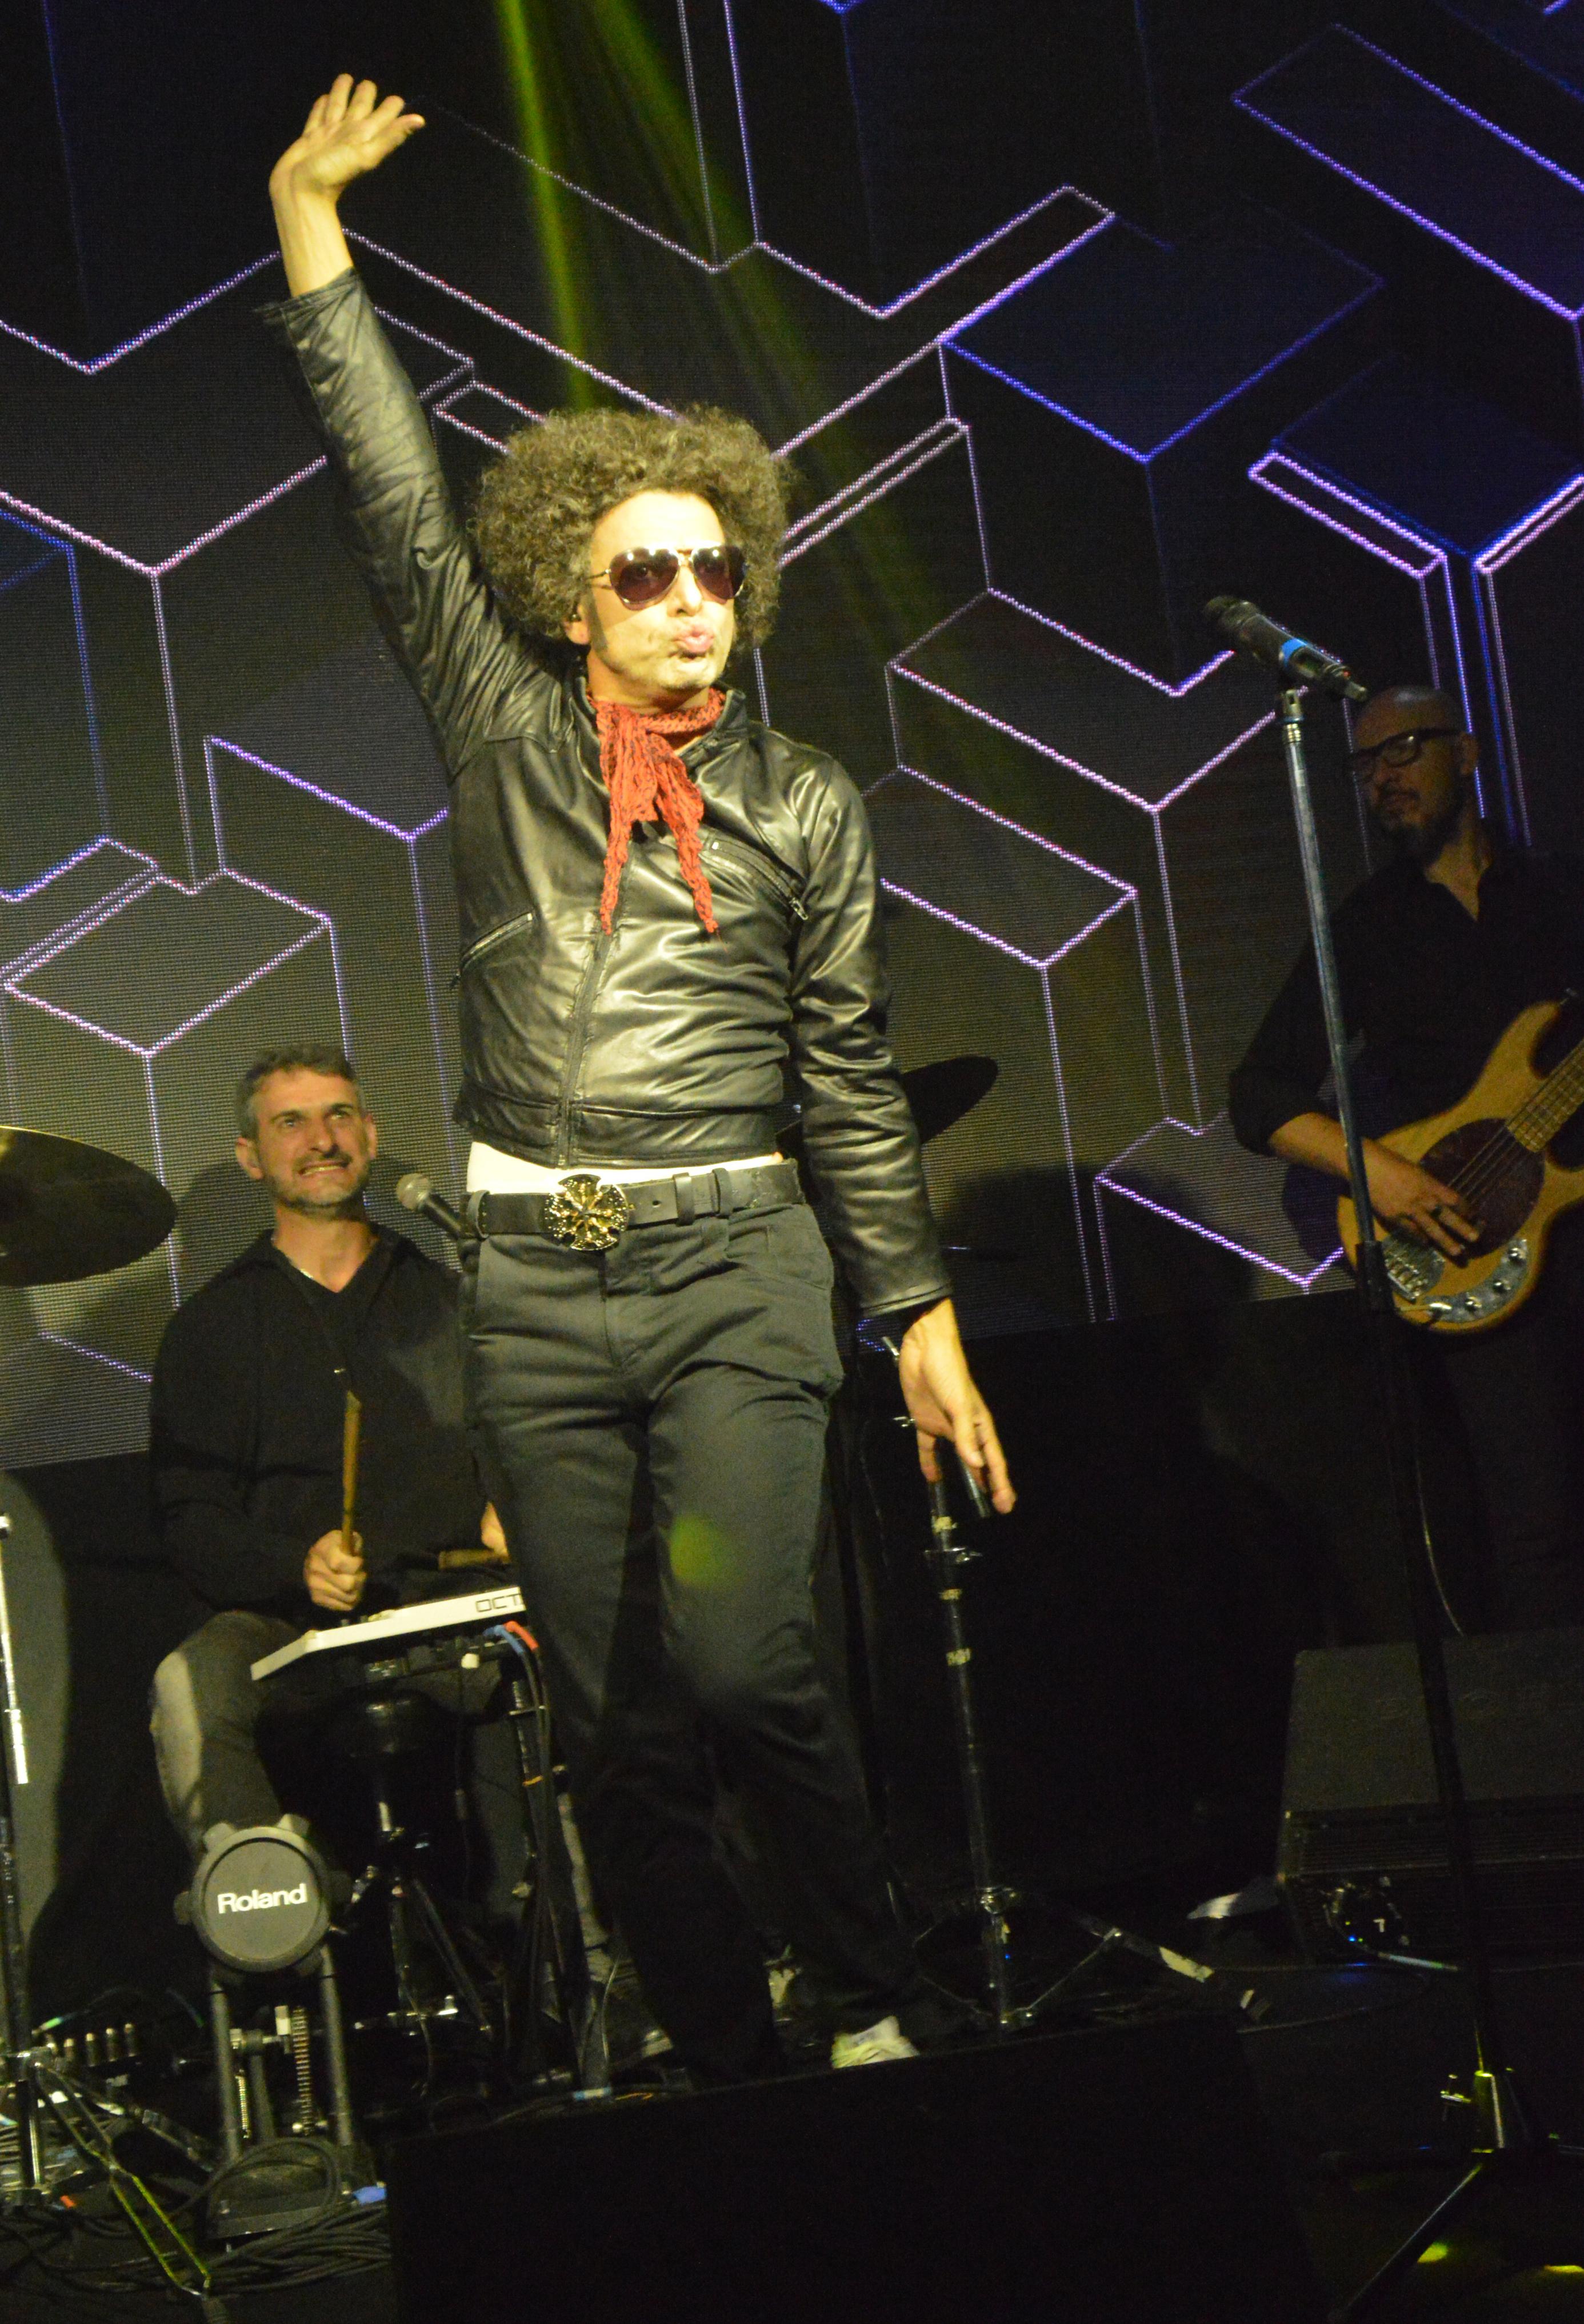 Durante el show, Bossi cantó temas de Andrés Calamaro